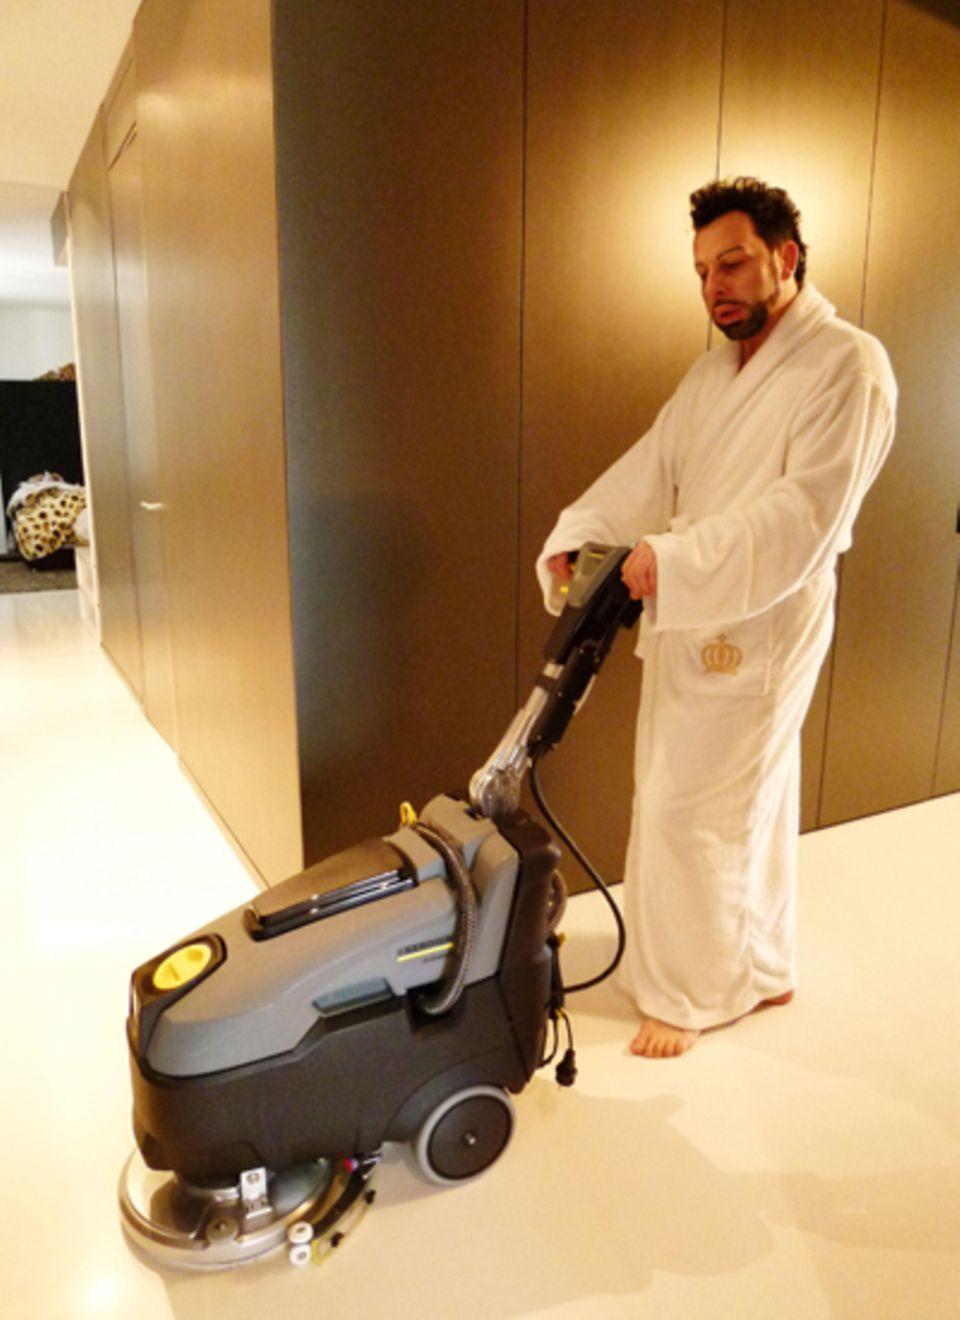 Nach einer Party nimmt Harald Glööckler schon mal selbst die Bohnermaschine in die Hand.